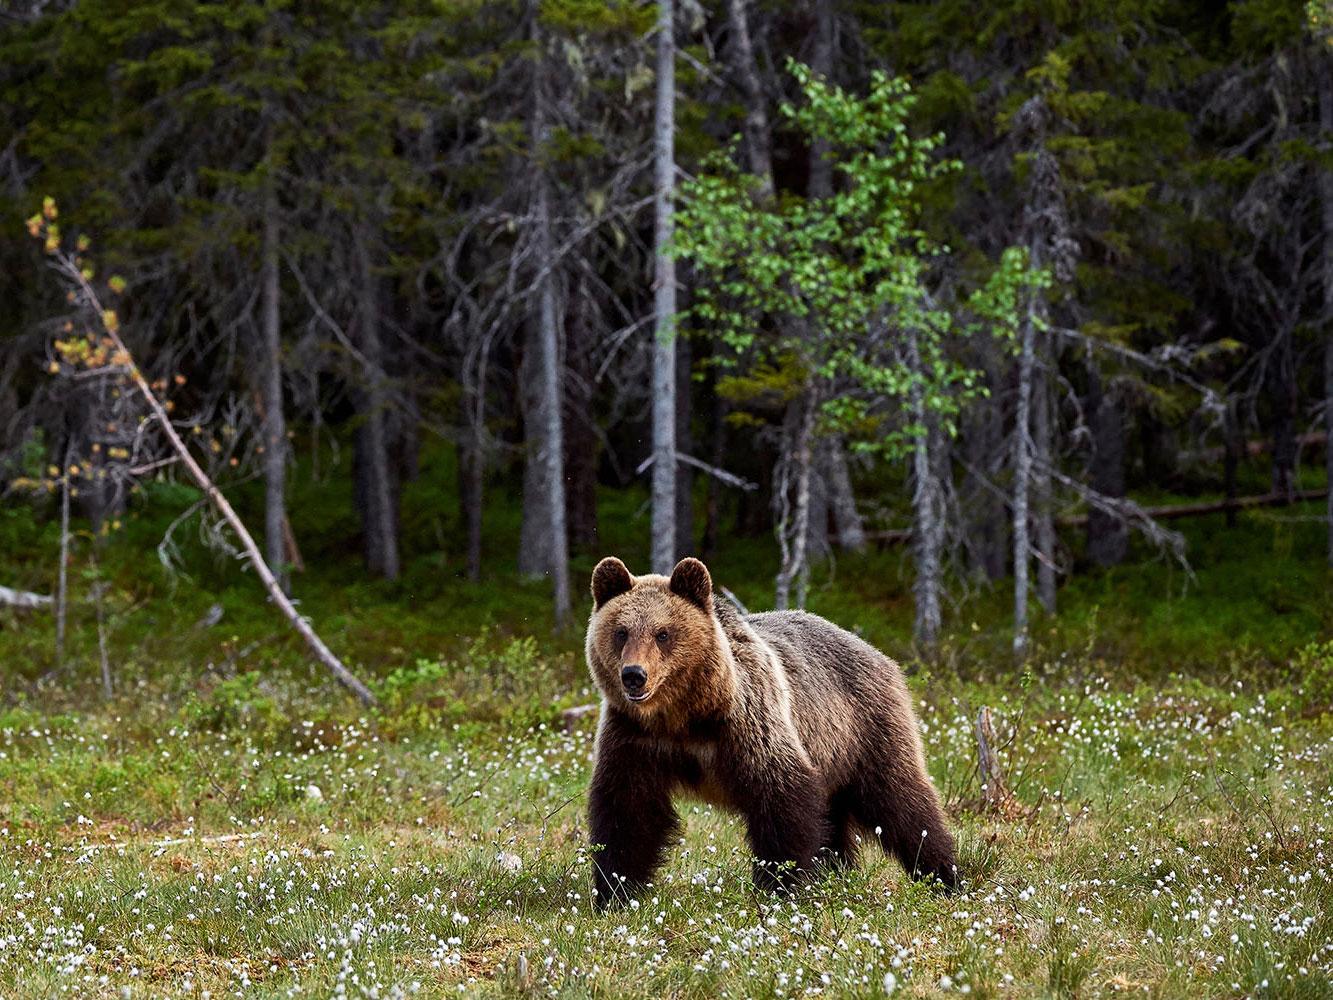 cosa-mangia-orso-bruno